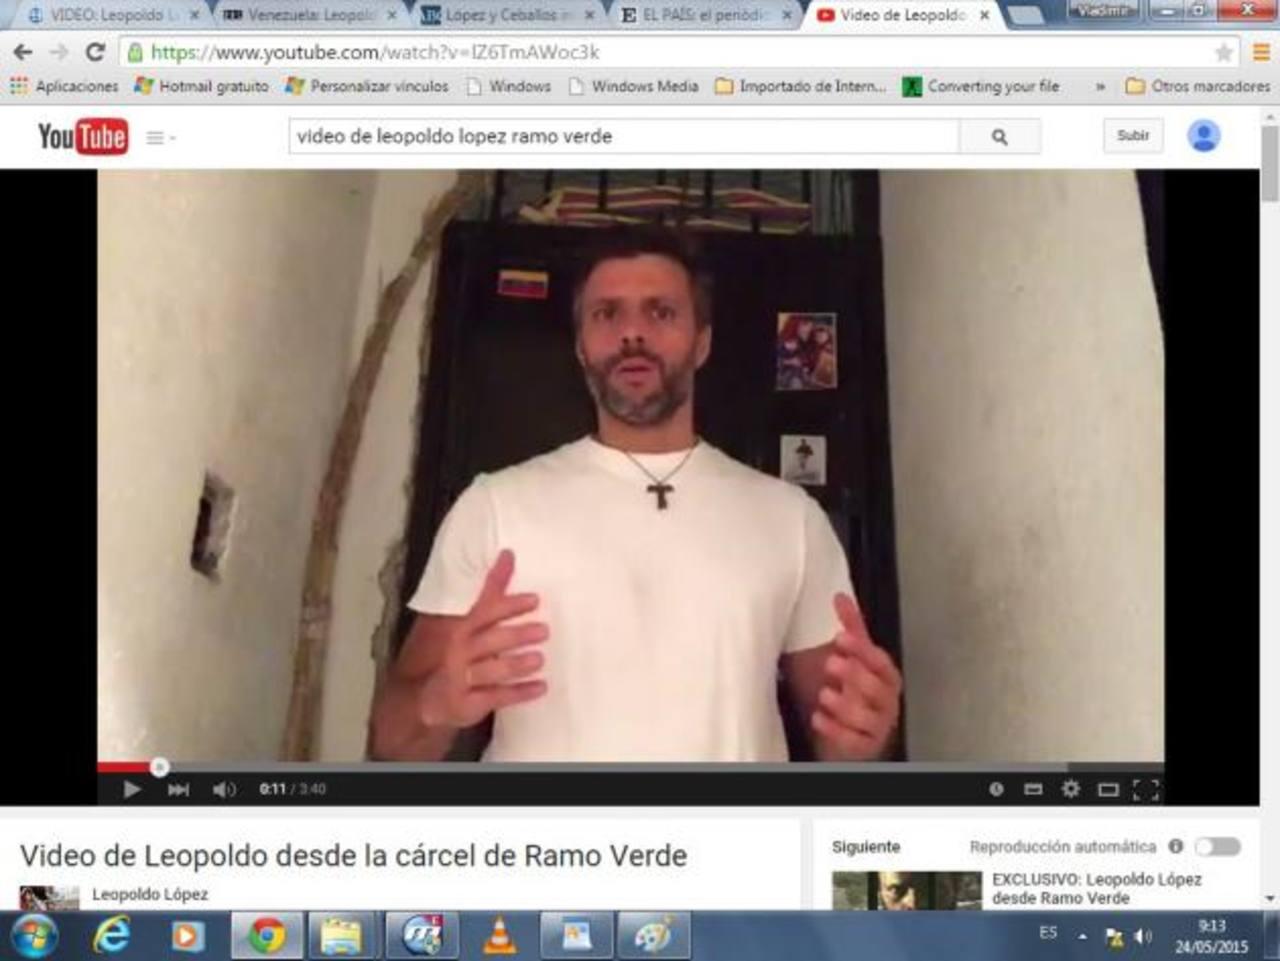 El vídeo apareció ayer en la cuenta de Youtube del líder opositor venezolano Leopoldo López.